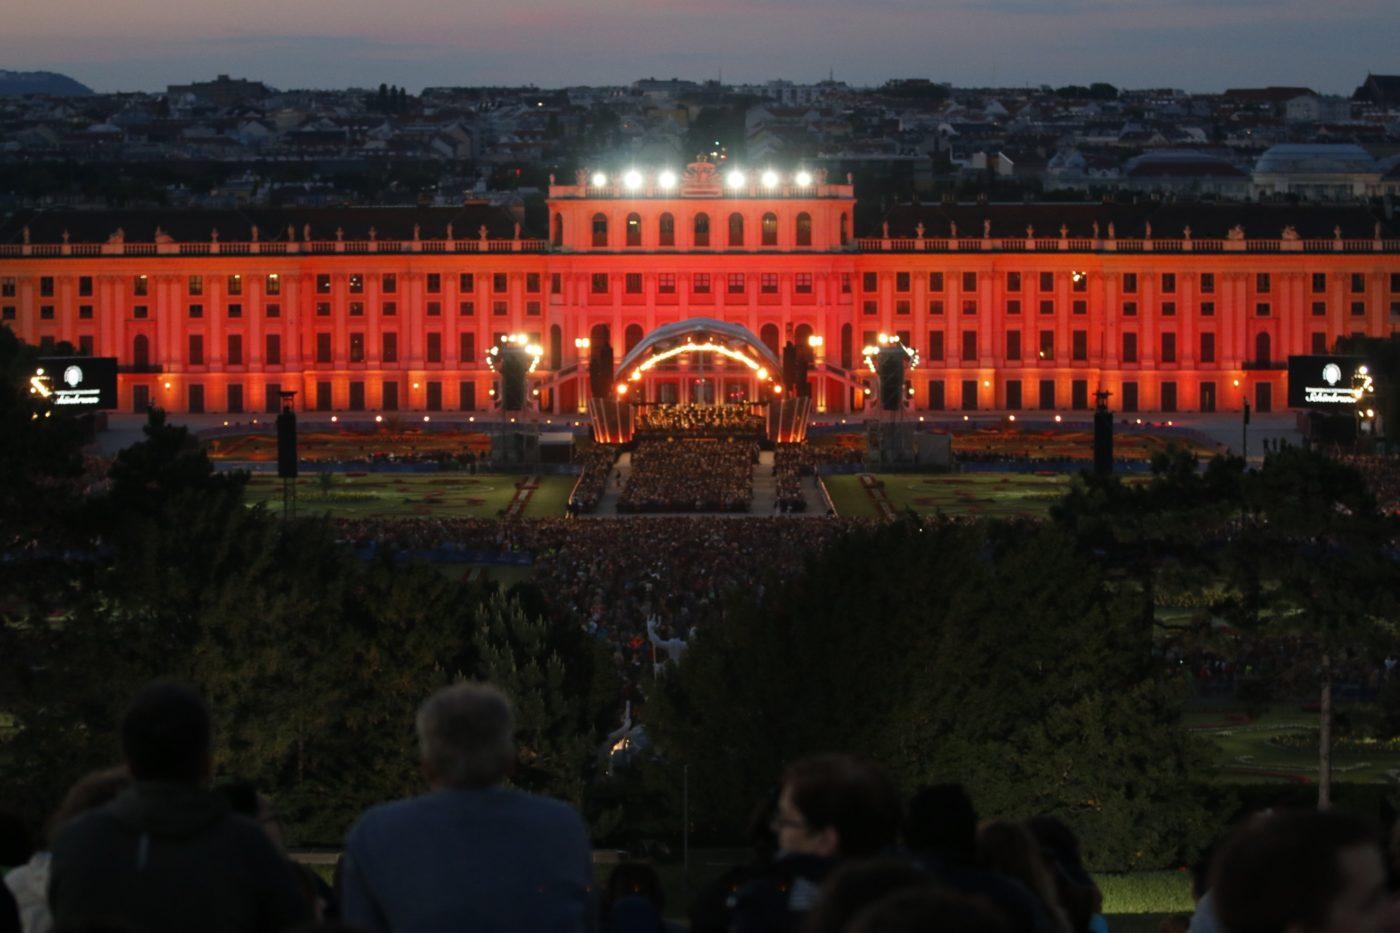 Seit 2004 entwickelte sich das Sommernachtskonzert mit den Wiener Philharmonikern in Schönbrunn - neben dem traditionellen Neujahrskonzert - zu einem wichtigen musikalischen Gruß Österreichs in die ganze Welt. Inmitten des einzigartigen Ambiente des Schlossparks laden die Wiener Philharmoniker jährlich die Bewohner der Stadt und ihre Gäste zu einem musikalischen Hochgenuss der Extraklasse. Copyright: ZDF/ORF/Roman Zach-Kiesling